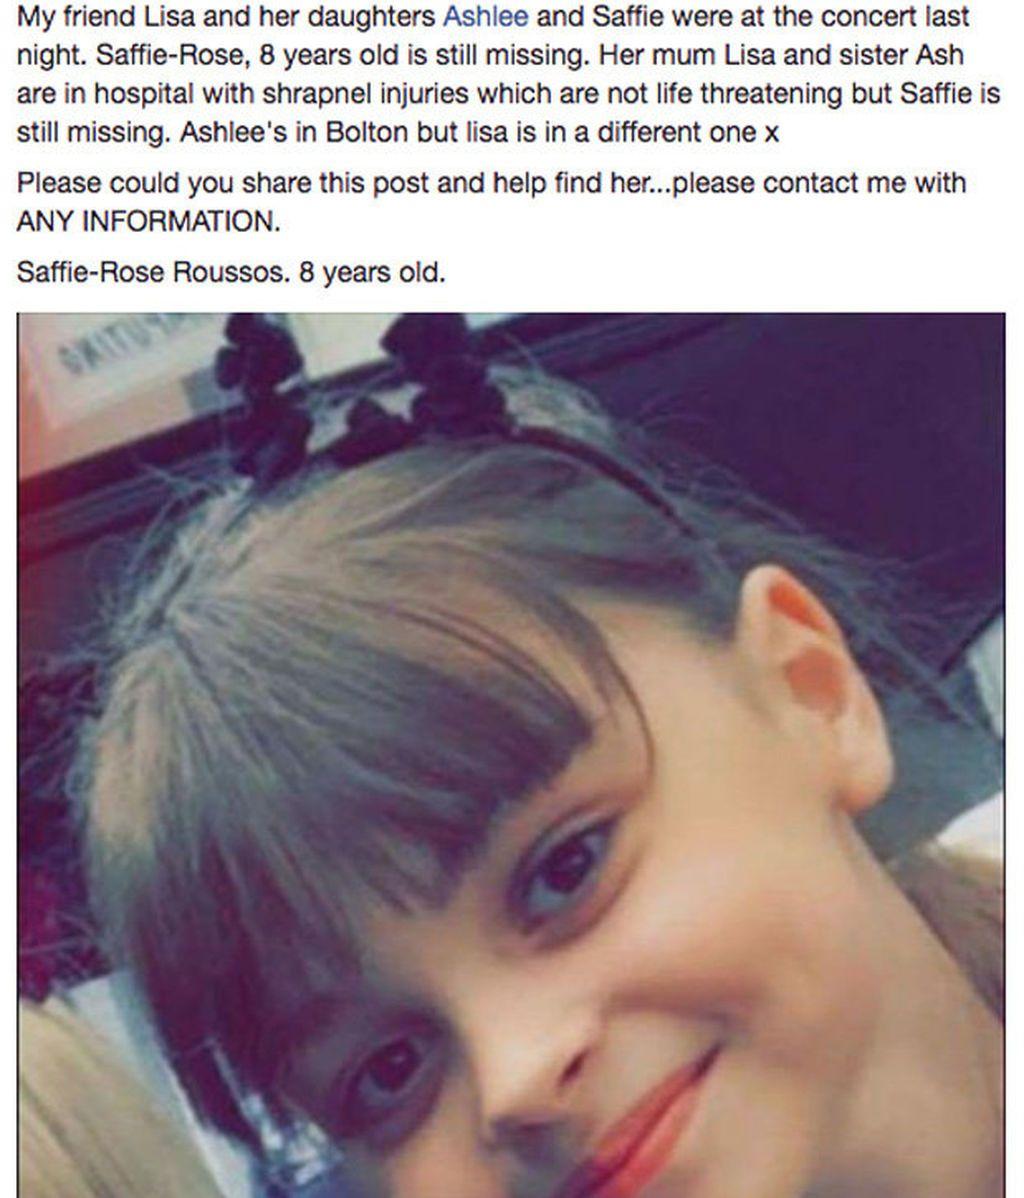 Saffie-Rose, desaparecida en el atentado de Manchester